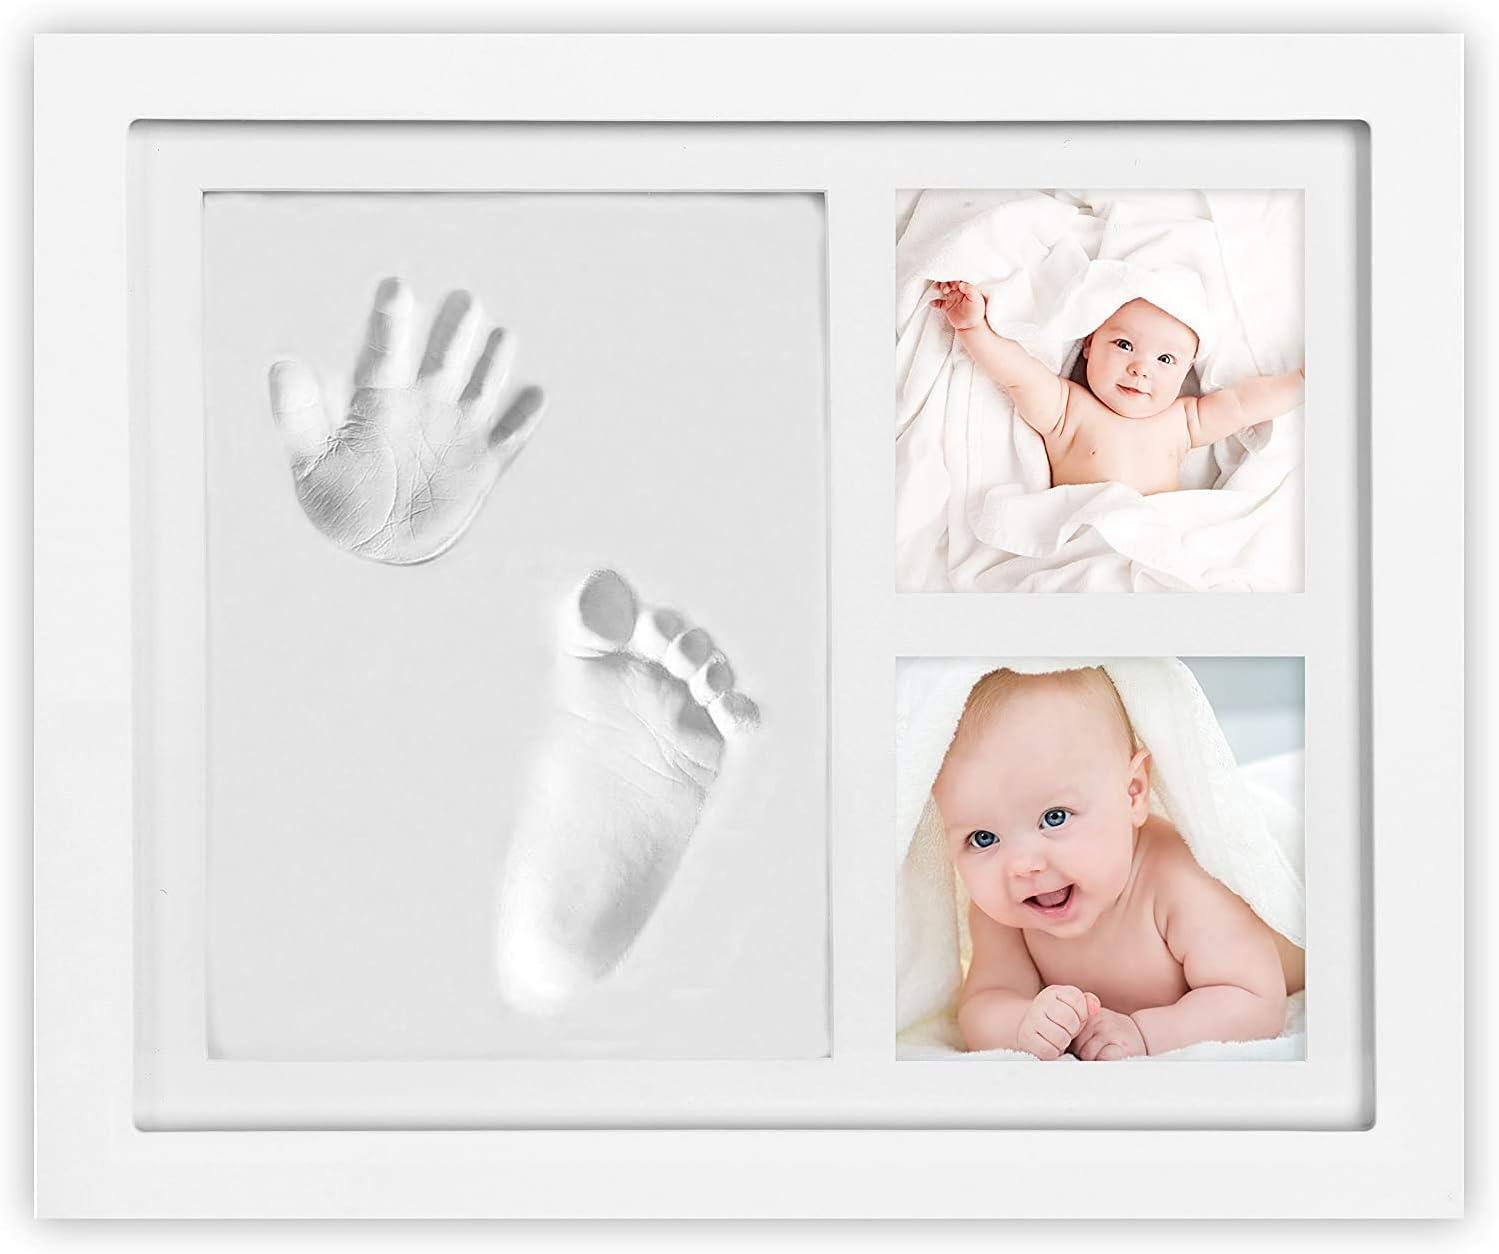 MARCO Huella de manos y pies para bebés Idea de regalo para recién nacidos y madres Huellas de arcilla para bebés Kit de kit de manos fundidas